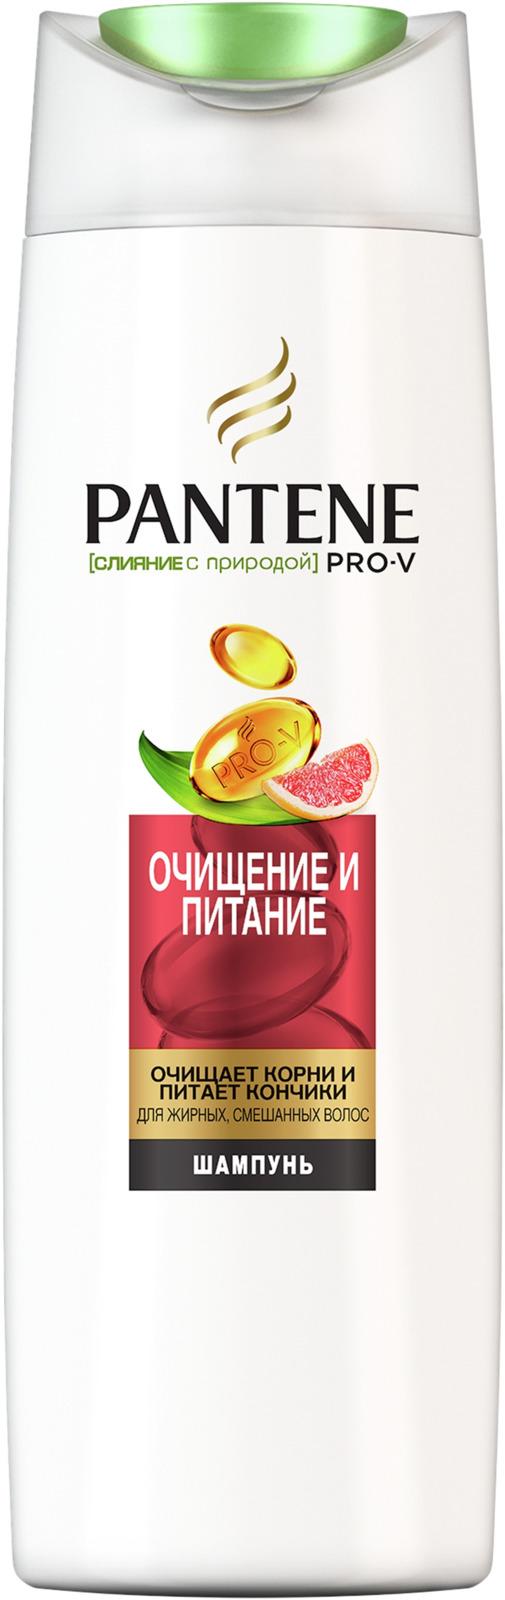 Шампунь Pantene Pro-V Слияние с природой. Очищение и питание, 400 мл